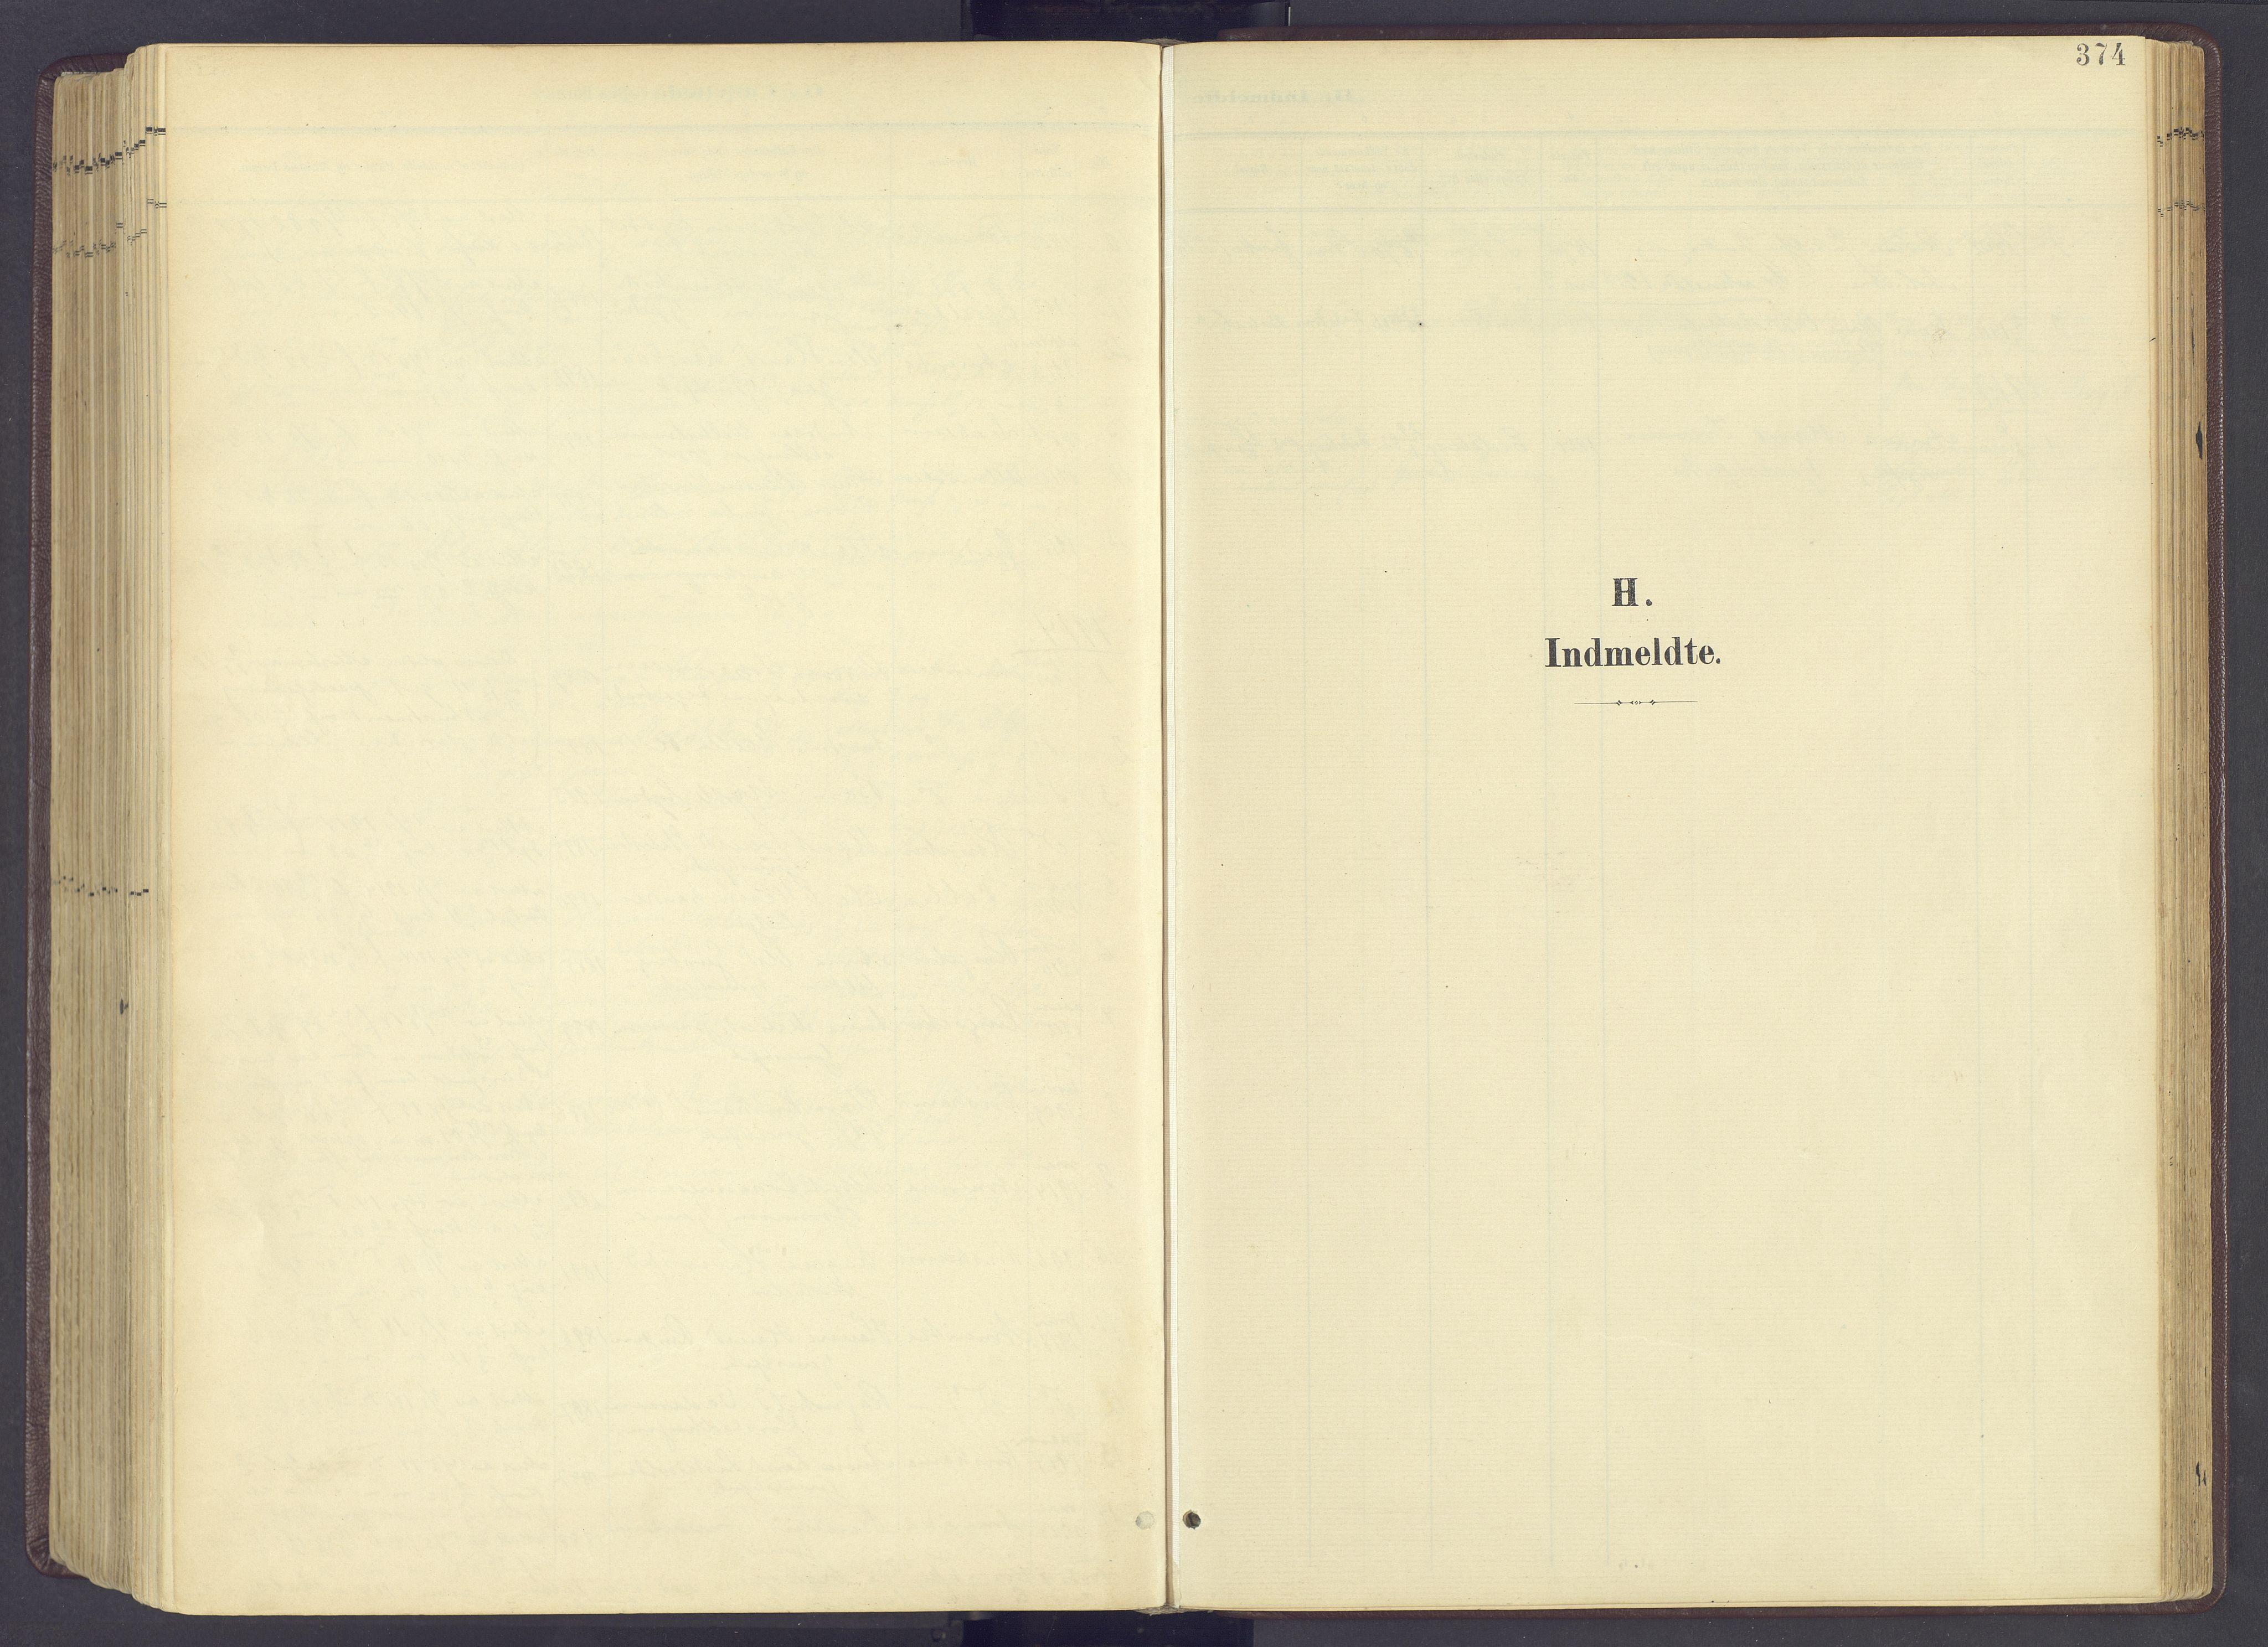 SAH, Sør-Fron prestekontor, H/Ha/Haa/L0004: Ministerialbok nr. 4, 1898-1919, s. 374